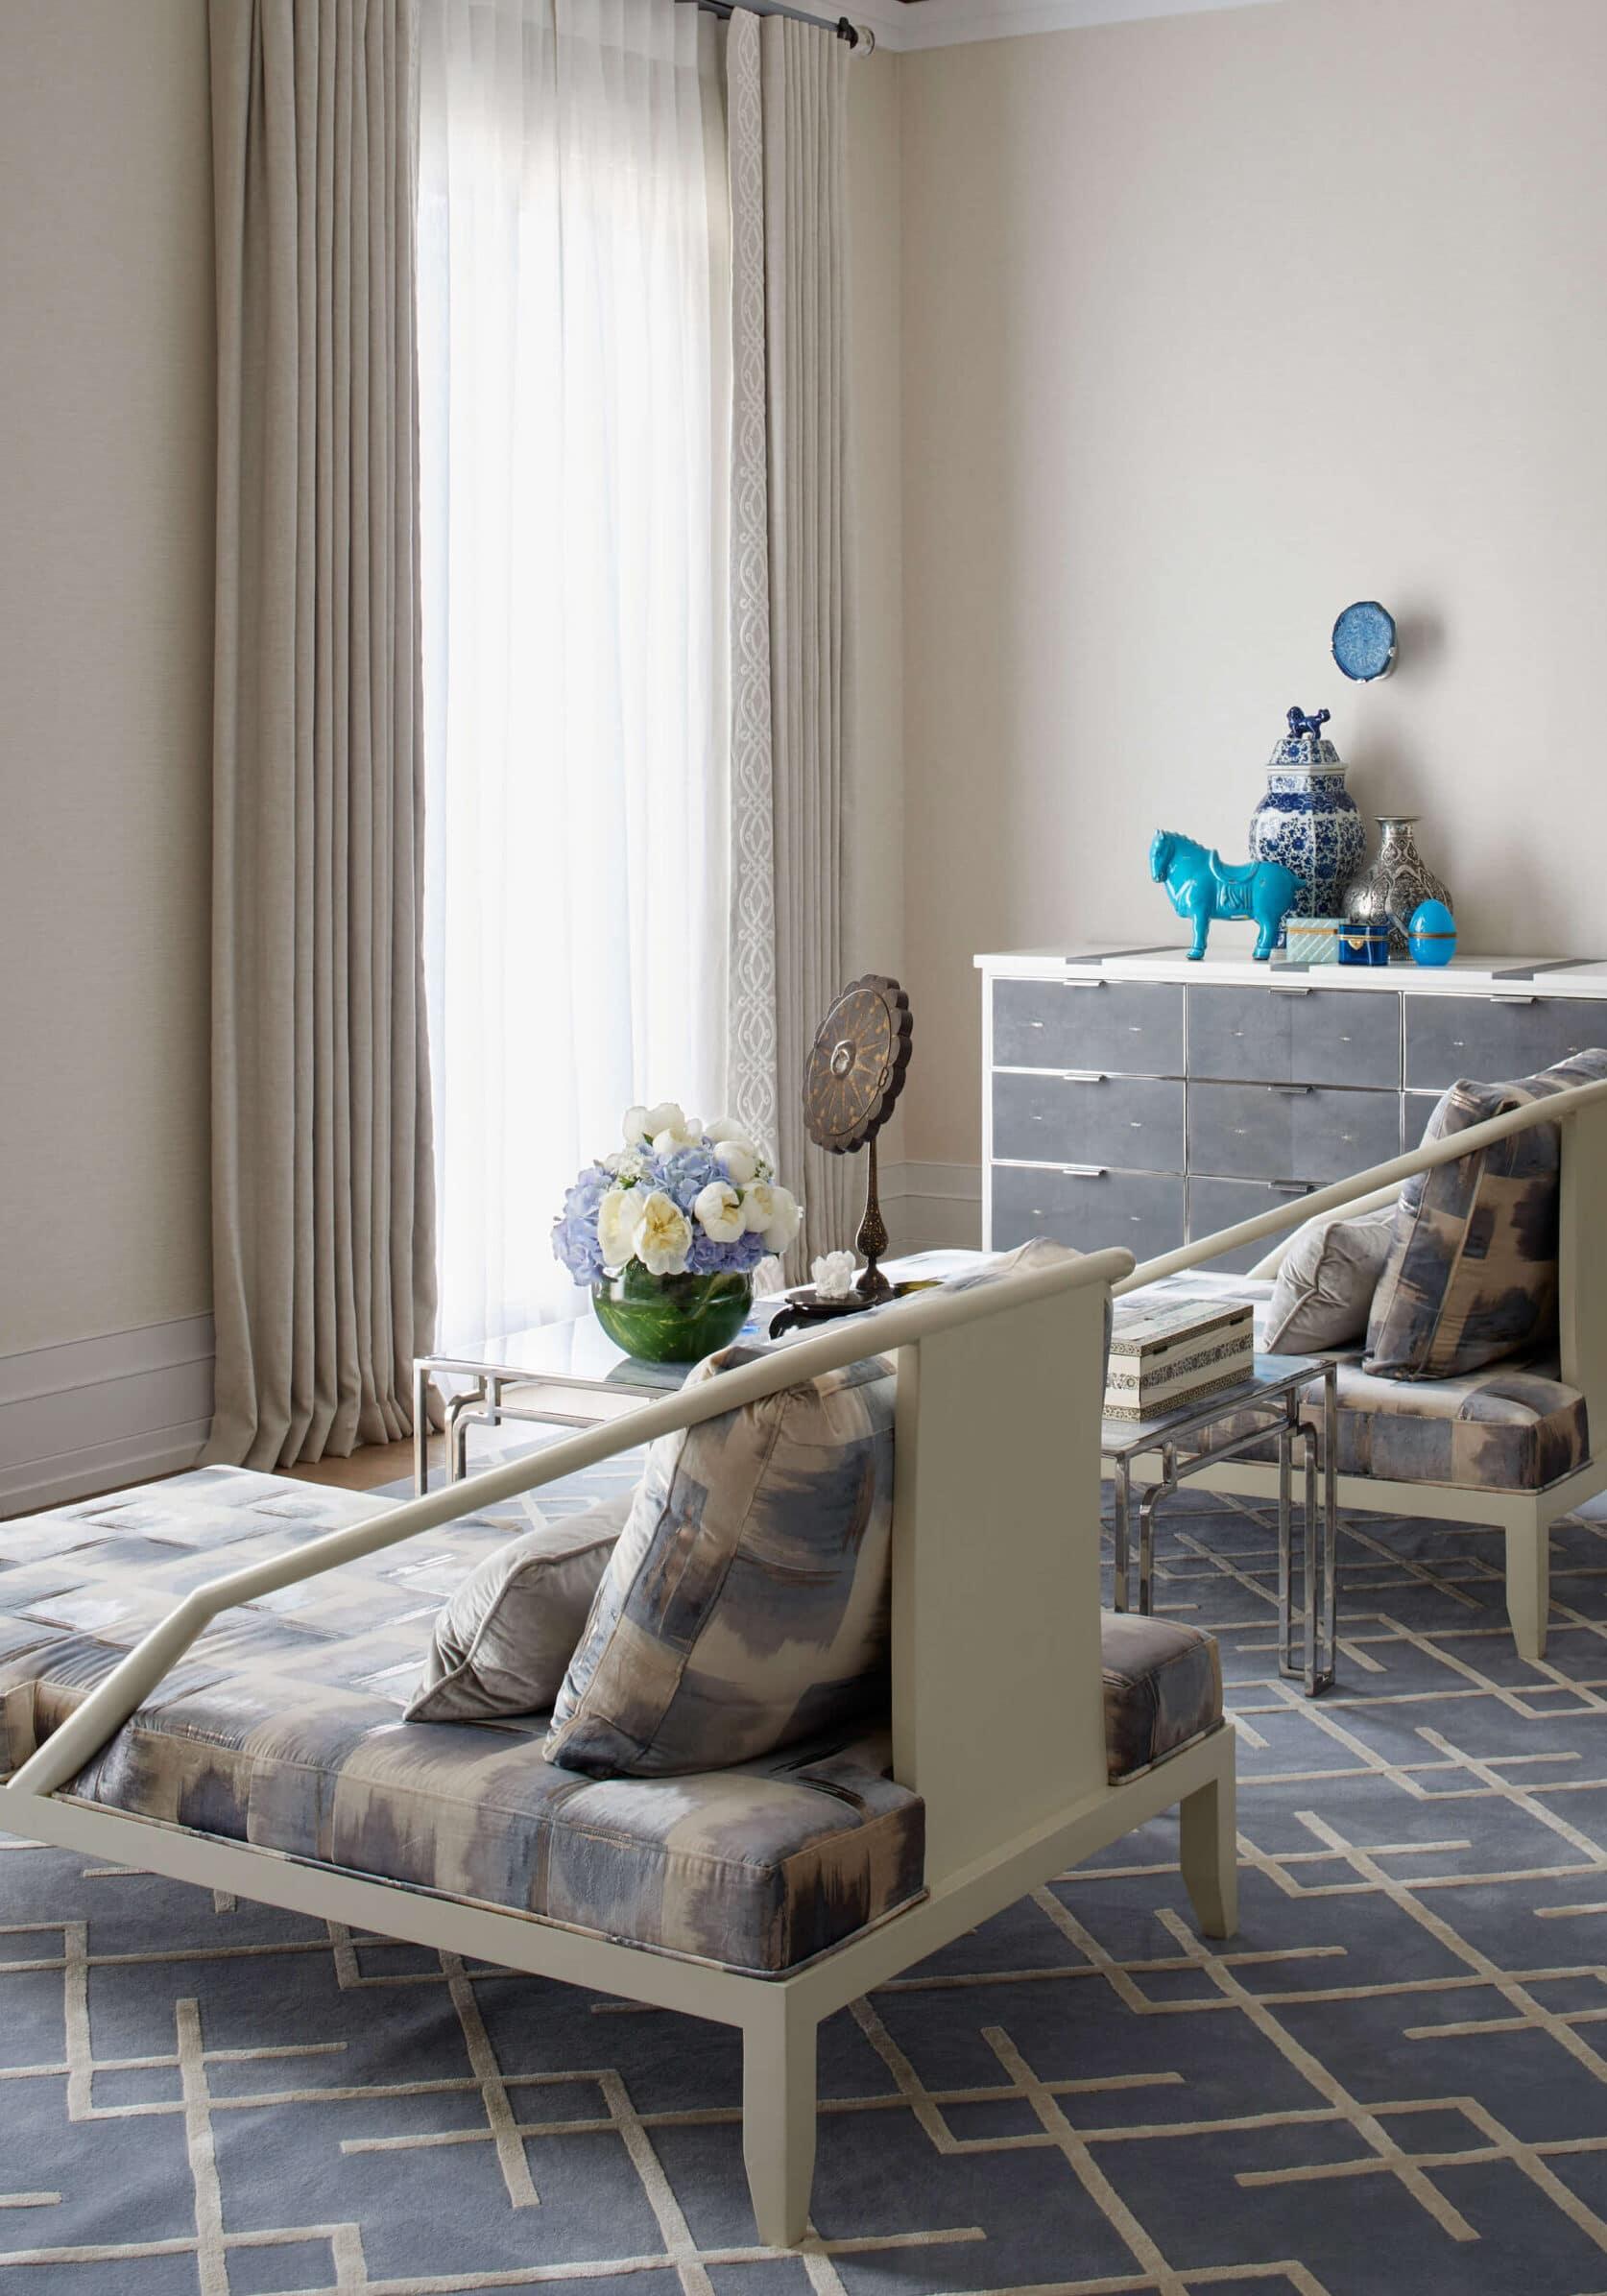 Luxury interior designer Kuwait project